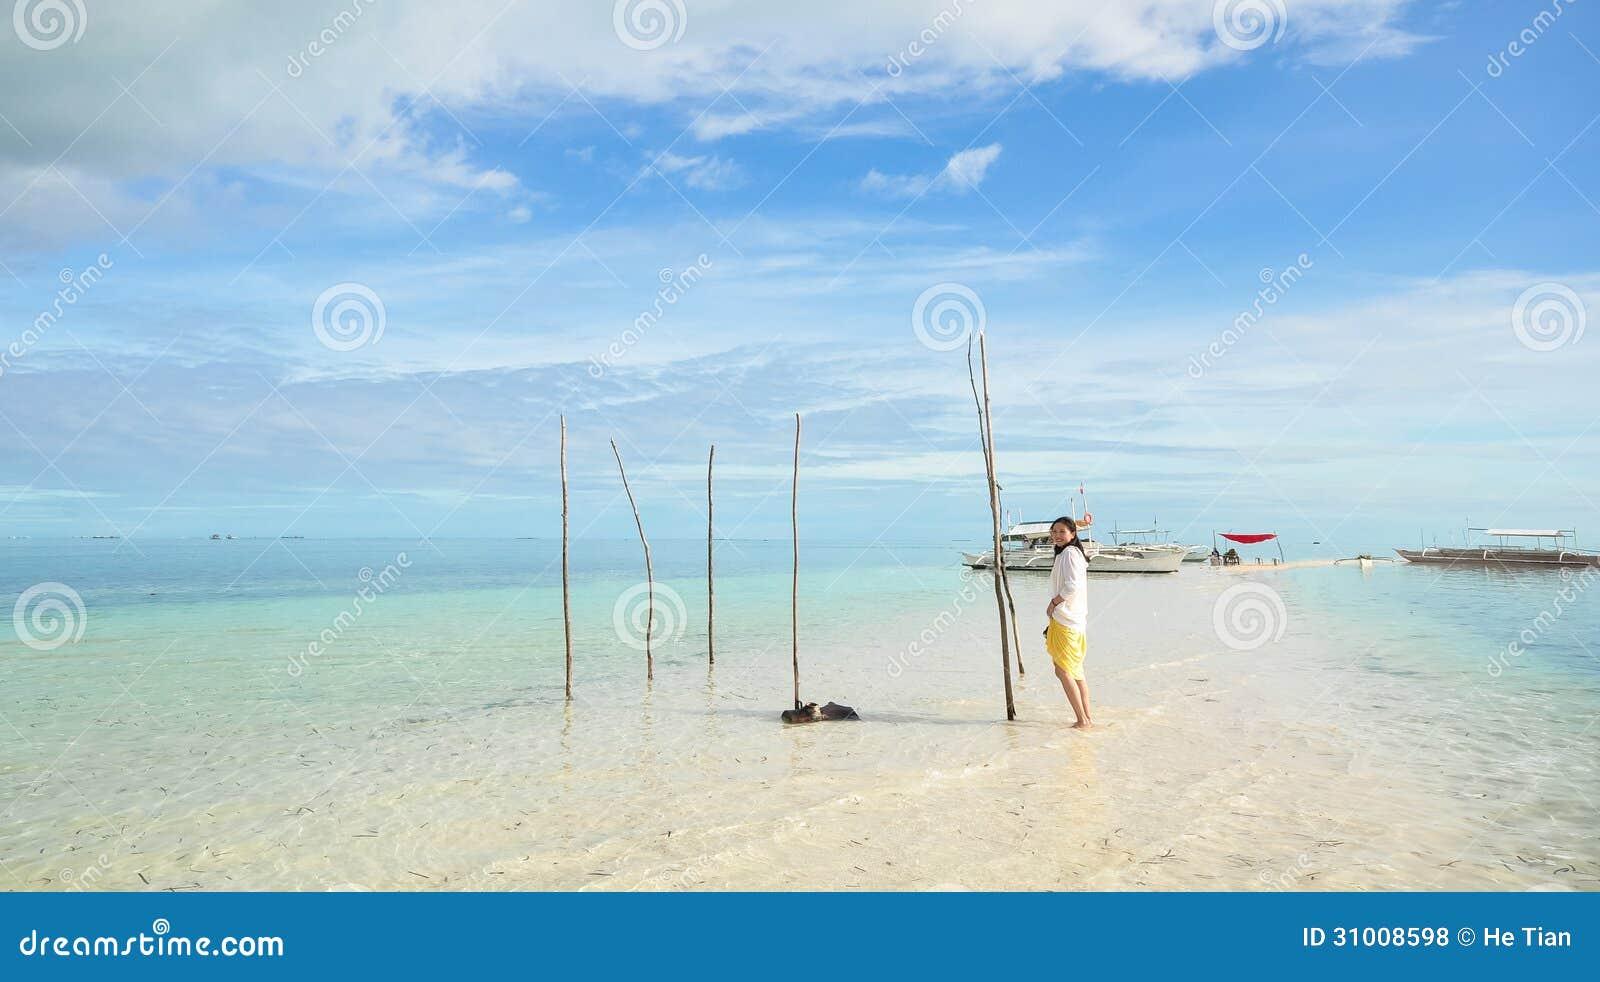 single lesbian women in beach Find women seeking women in palm beach online dhu is a 100% free site for lesbian dating in palm beach, florida.